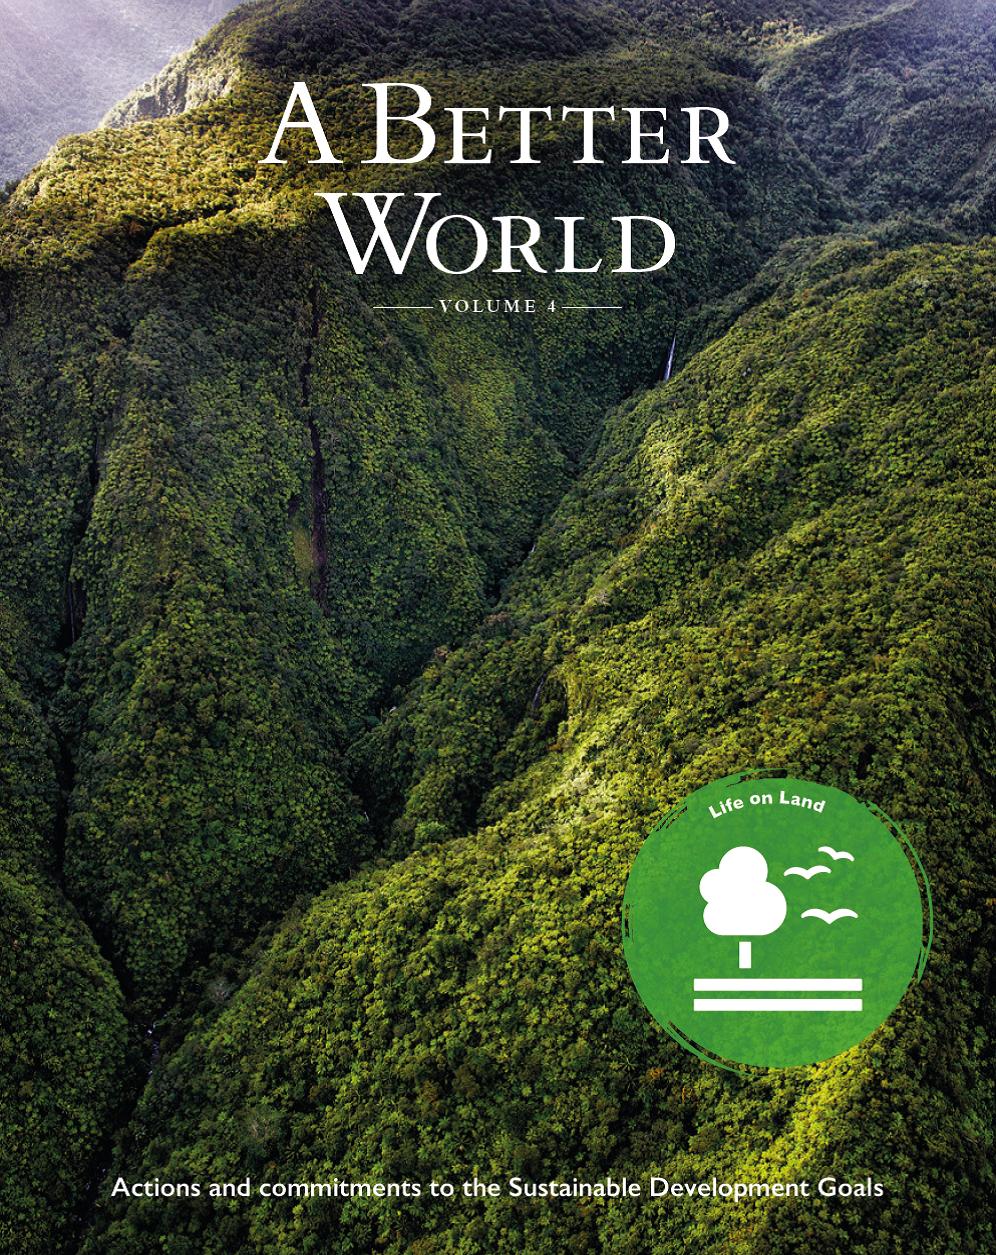 A Better World Volume 4